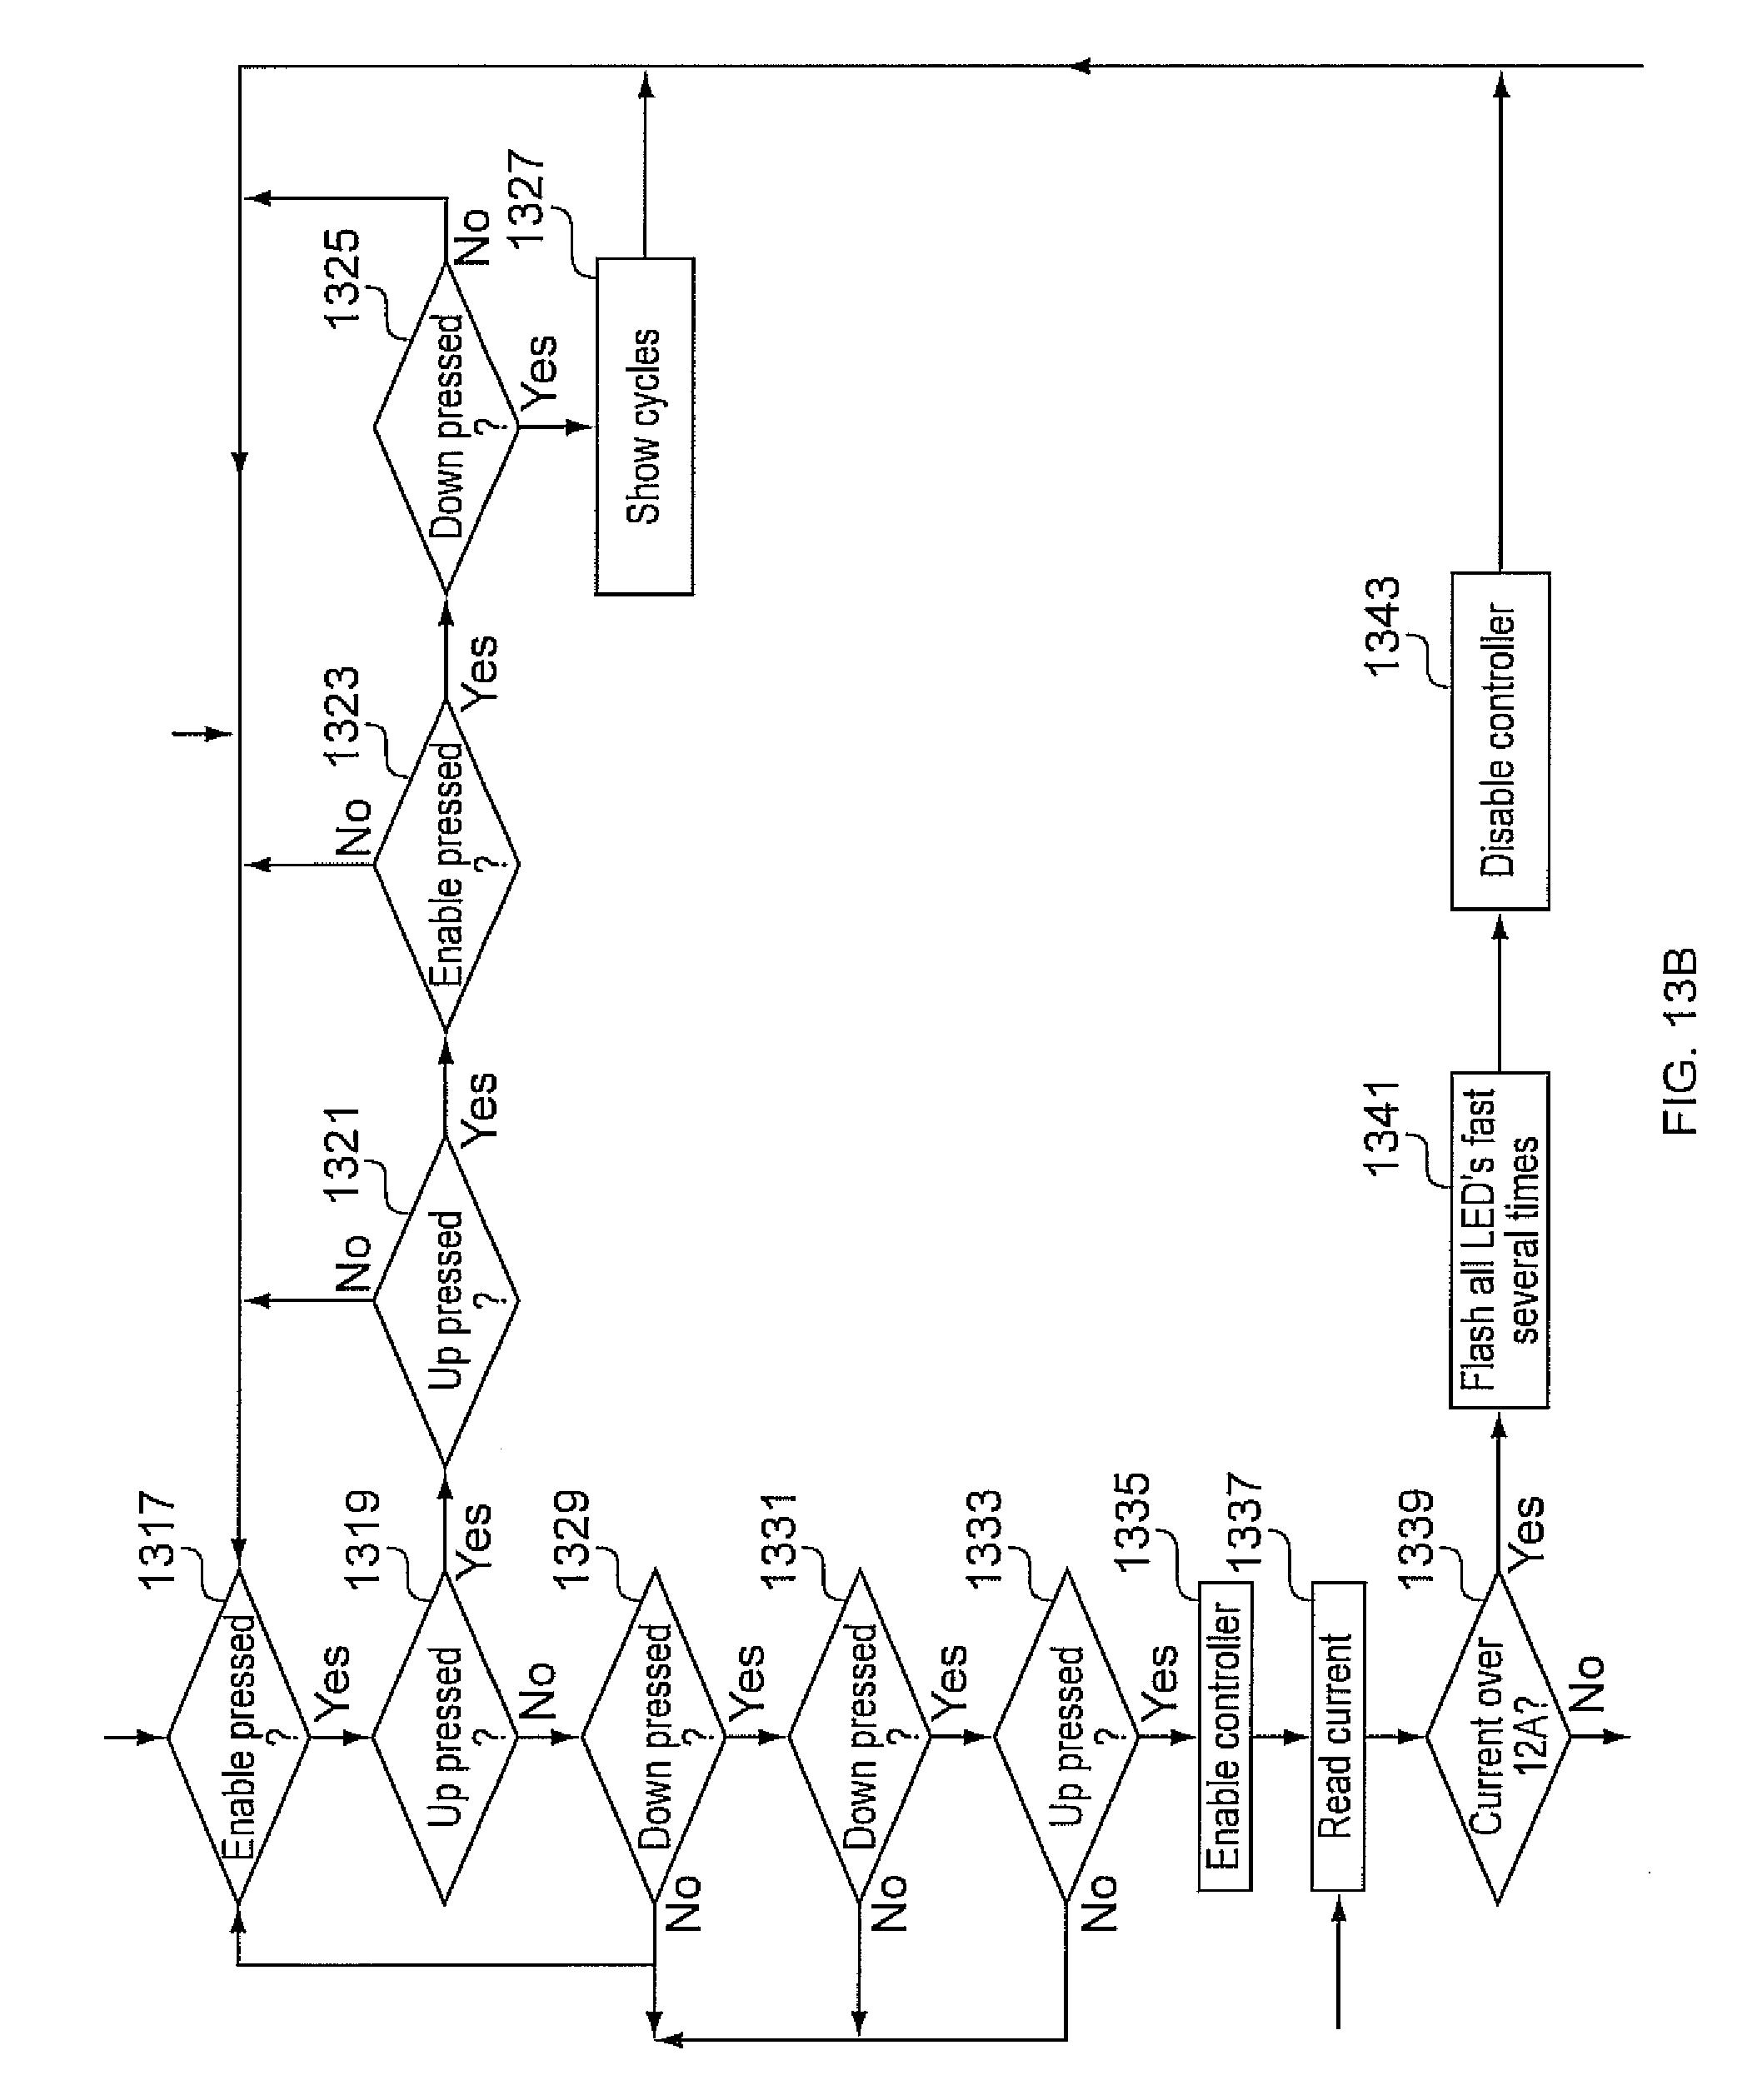 Palfinger Wiring Diagrams, Palfinger, Free Engine Image